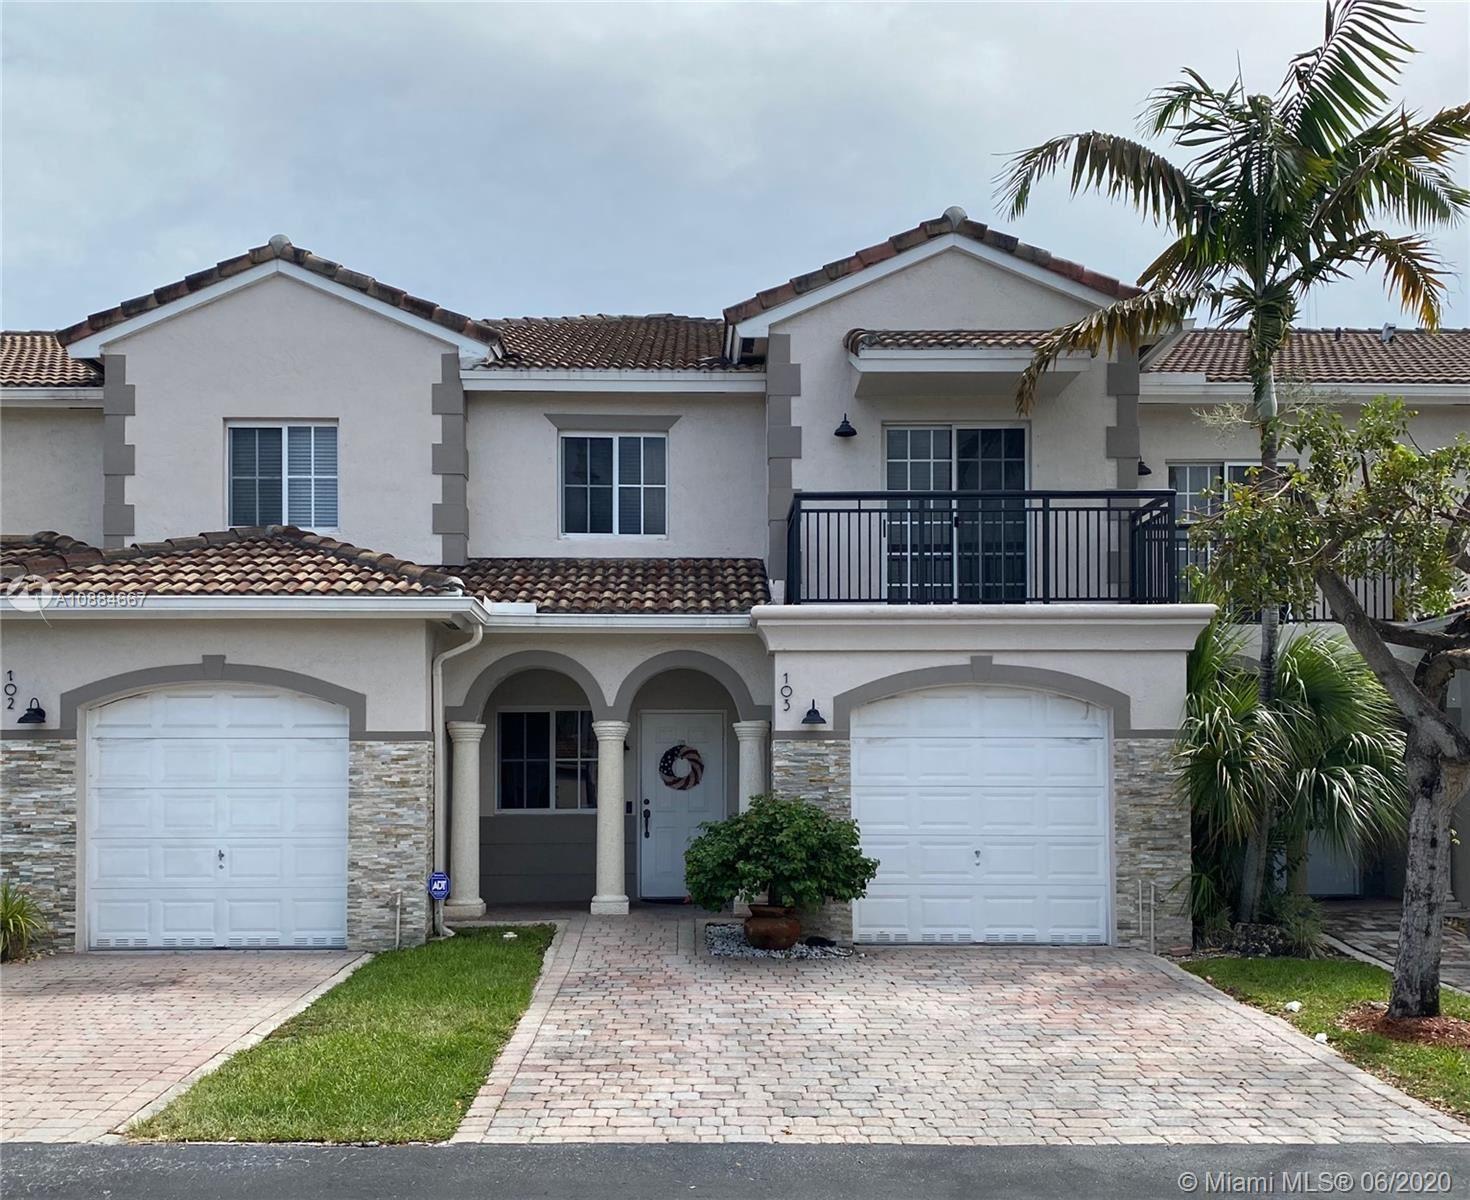 8441 SW 124th Ave #103, Miami, FL 33183 - #: A10884667